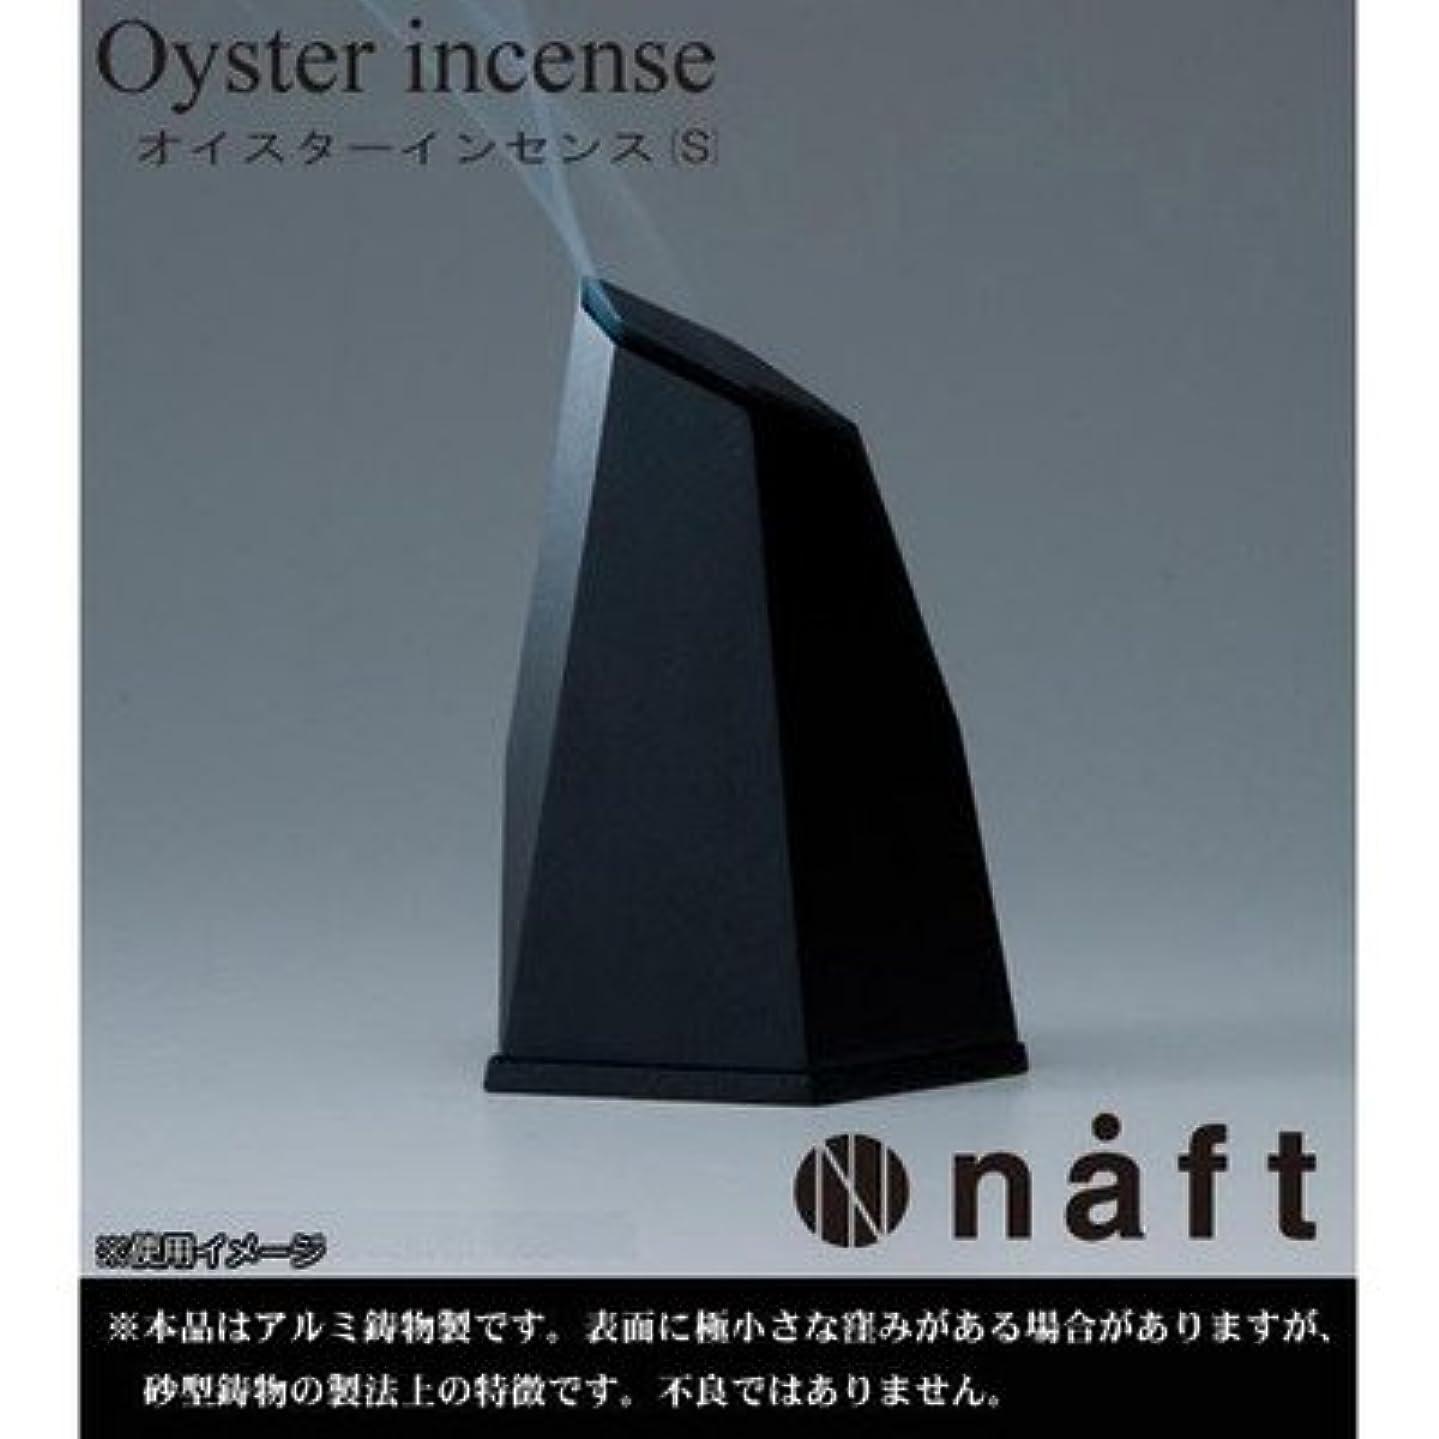 シェフかもめチーズシンプルだけどインパクトのあるフォルム naft Oyster incense オイスターインセンス 香炉 Sサイズ ブラック